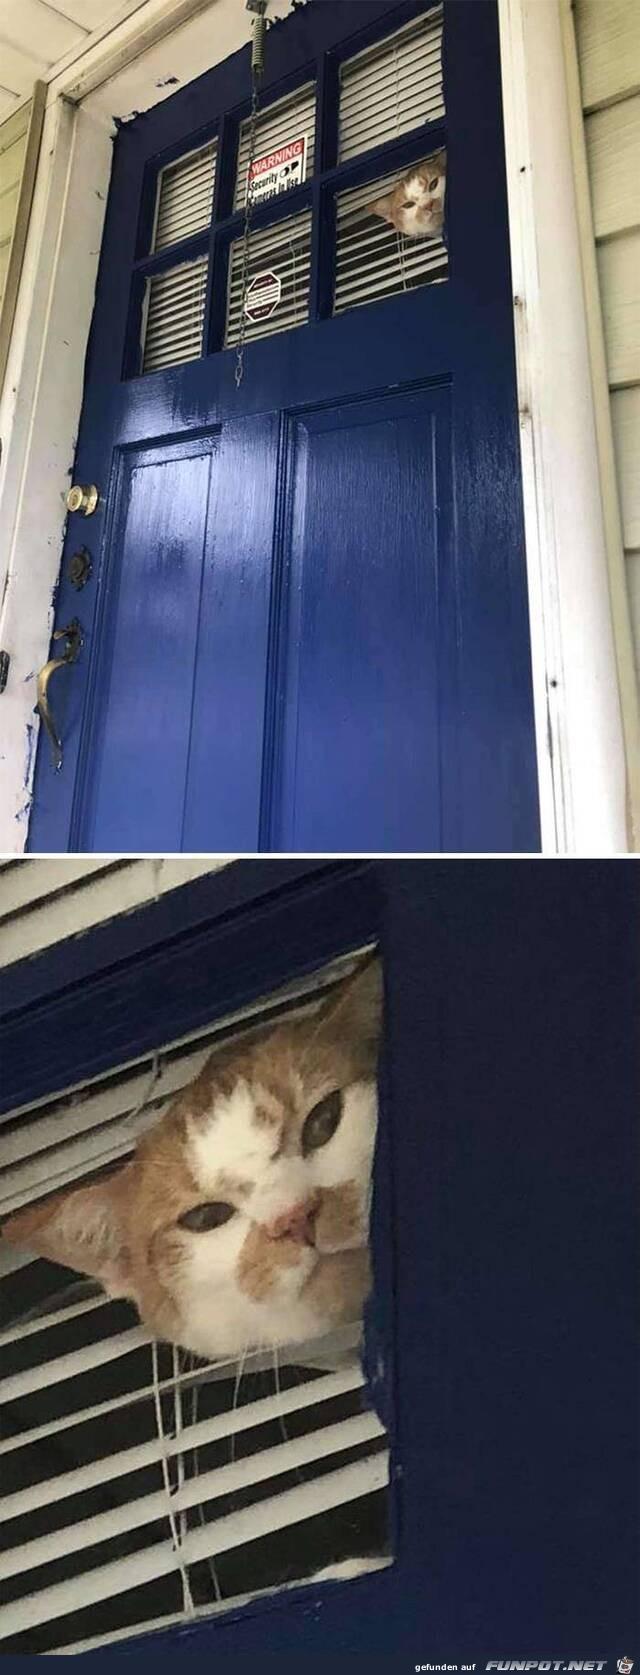 Katzen-Security